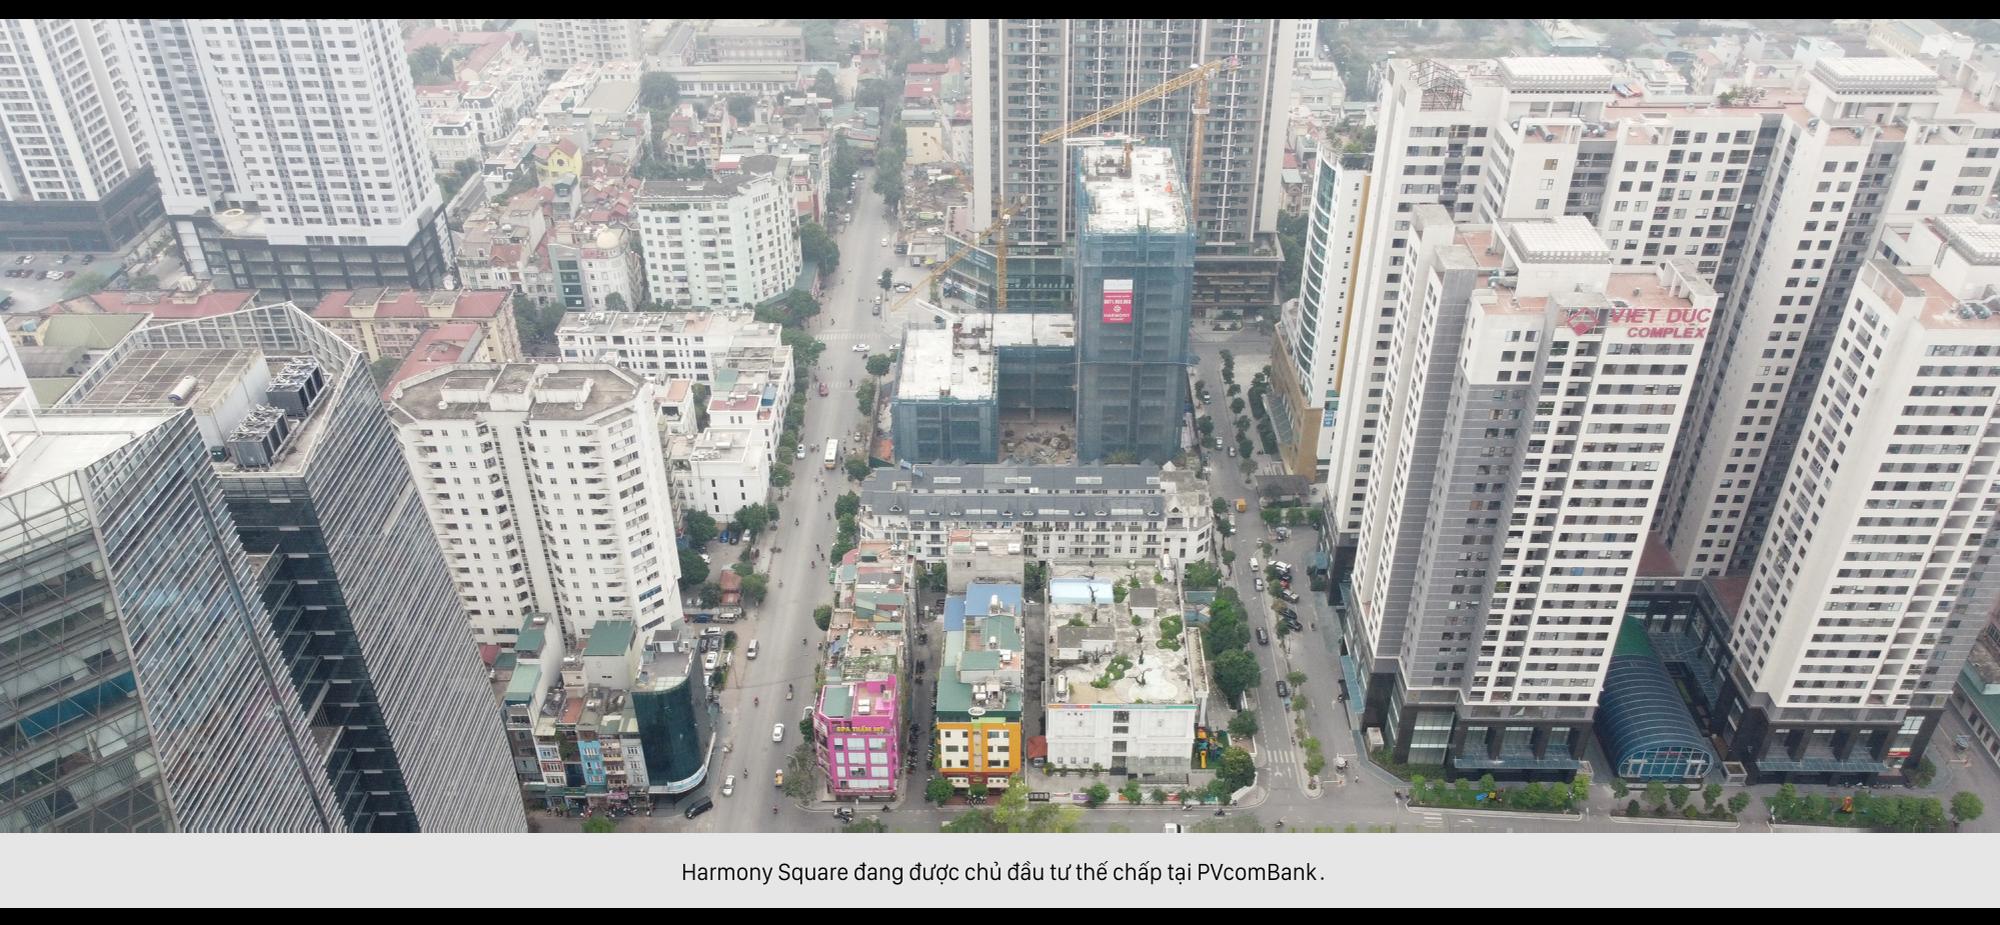 Review dự án Harmony Square đang mở bán: Có ưu điểm gì giữa khu vực dày đặc nhà cao tầng? - Ảnh 16.